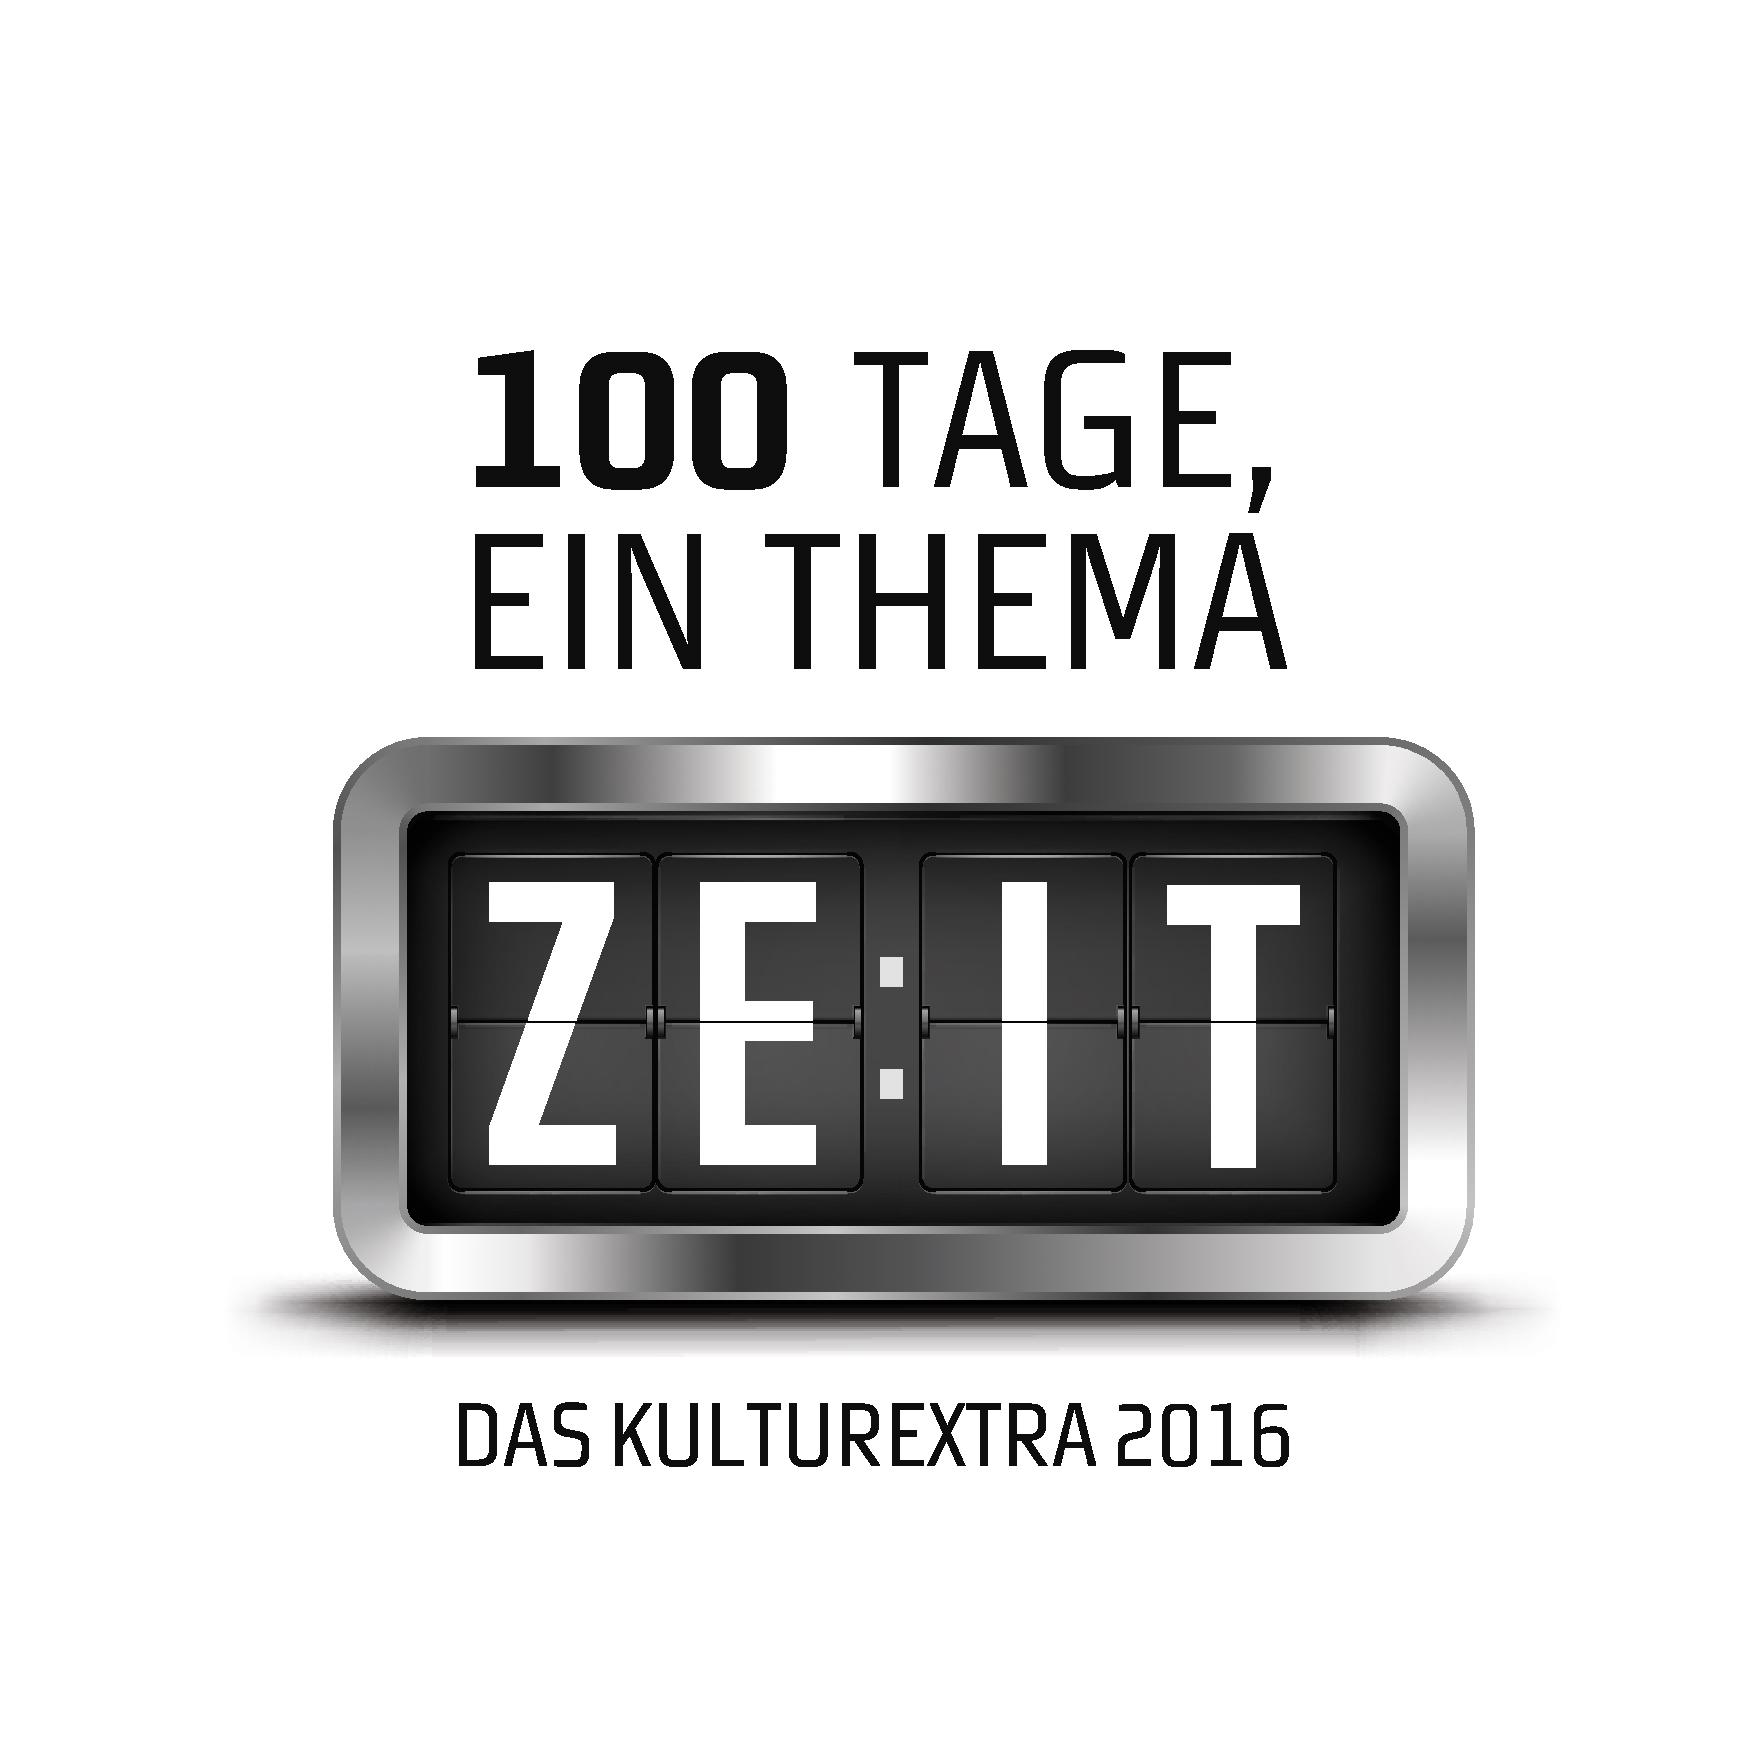 100 Tage Zeit